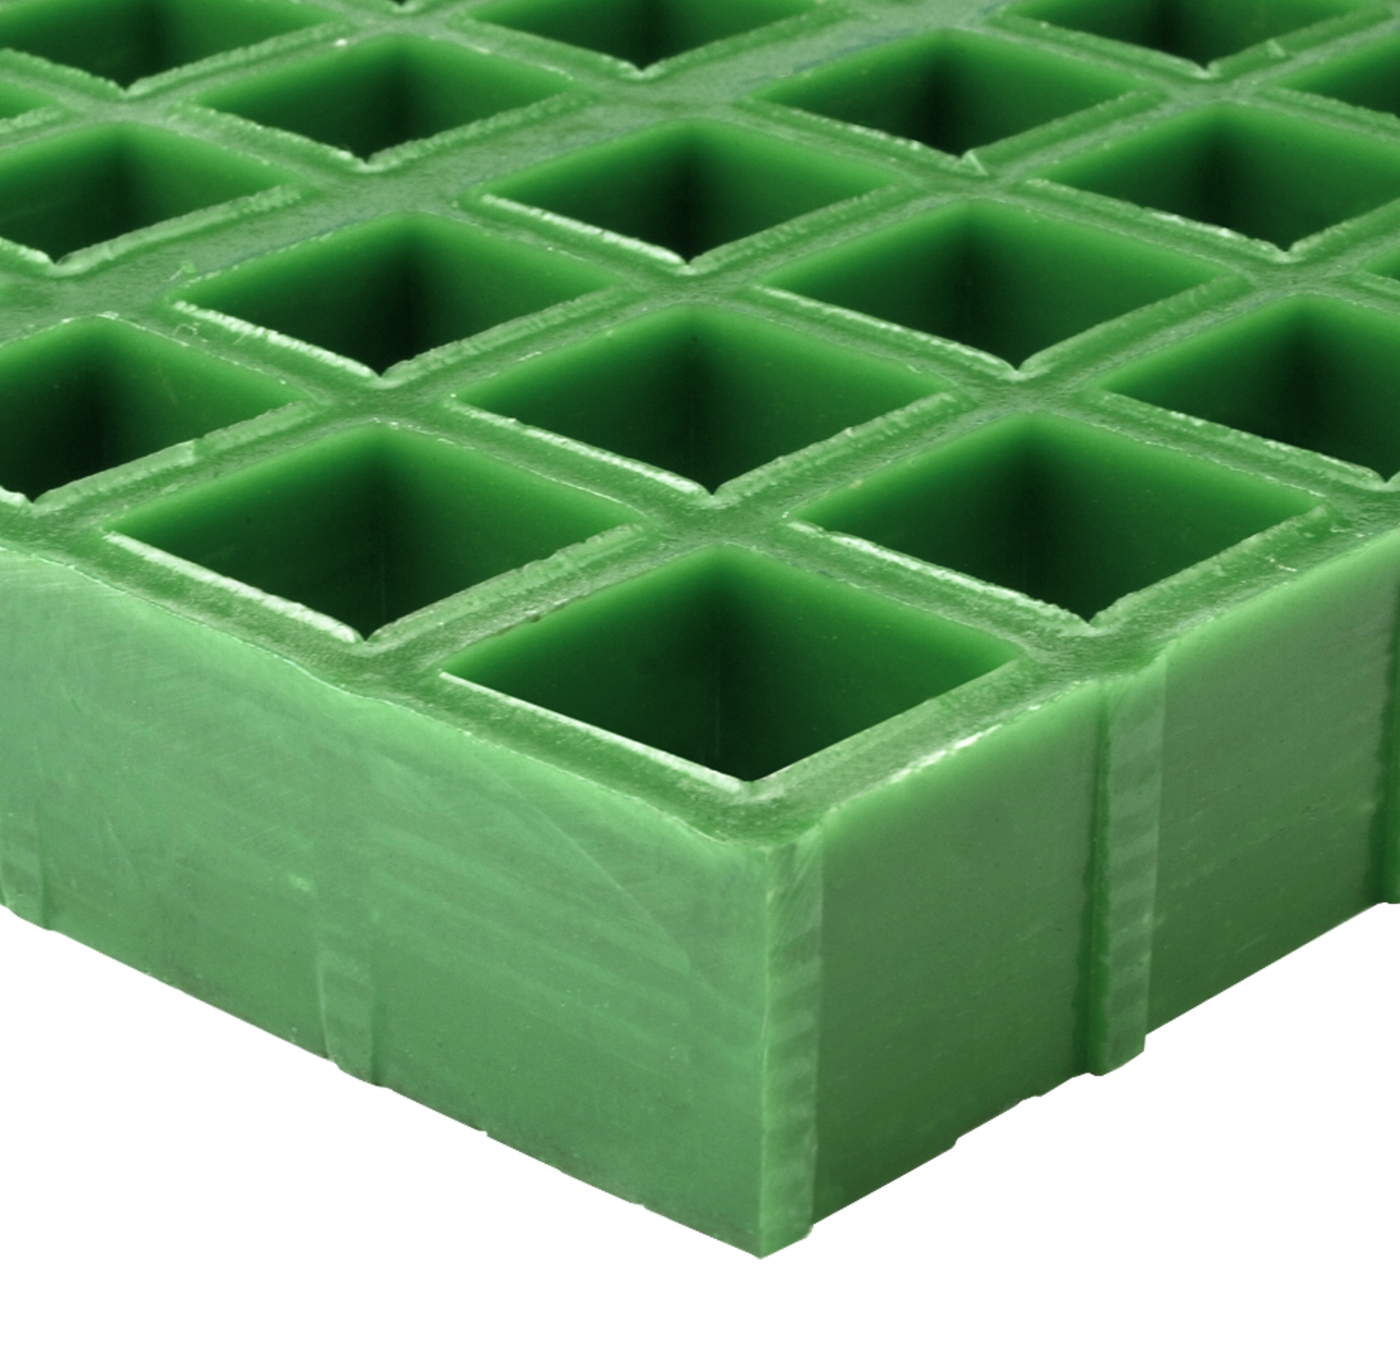 Grön GRP plast durk